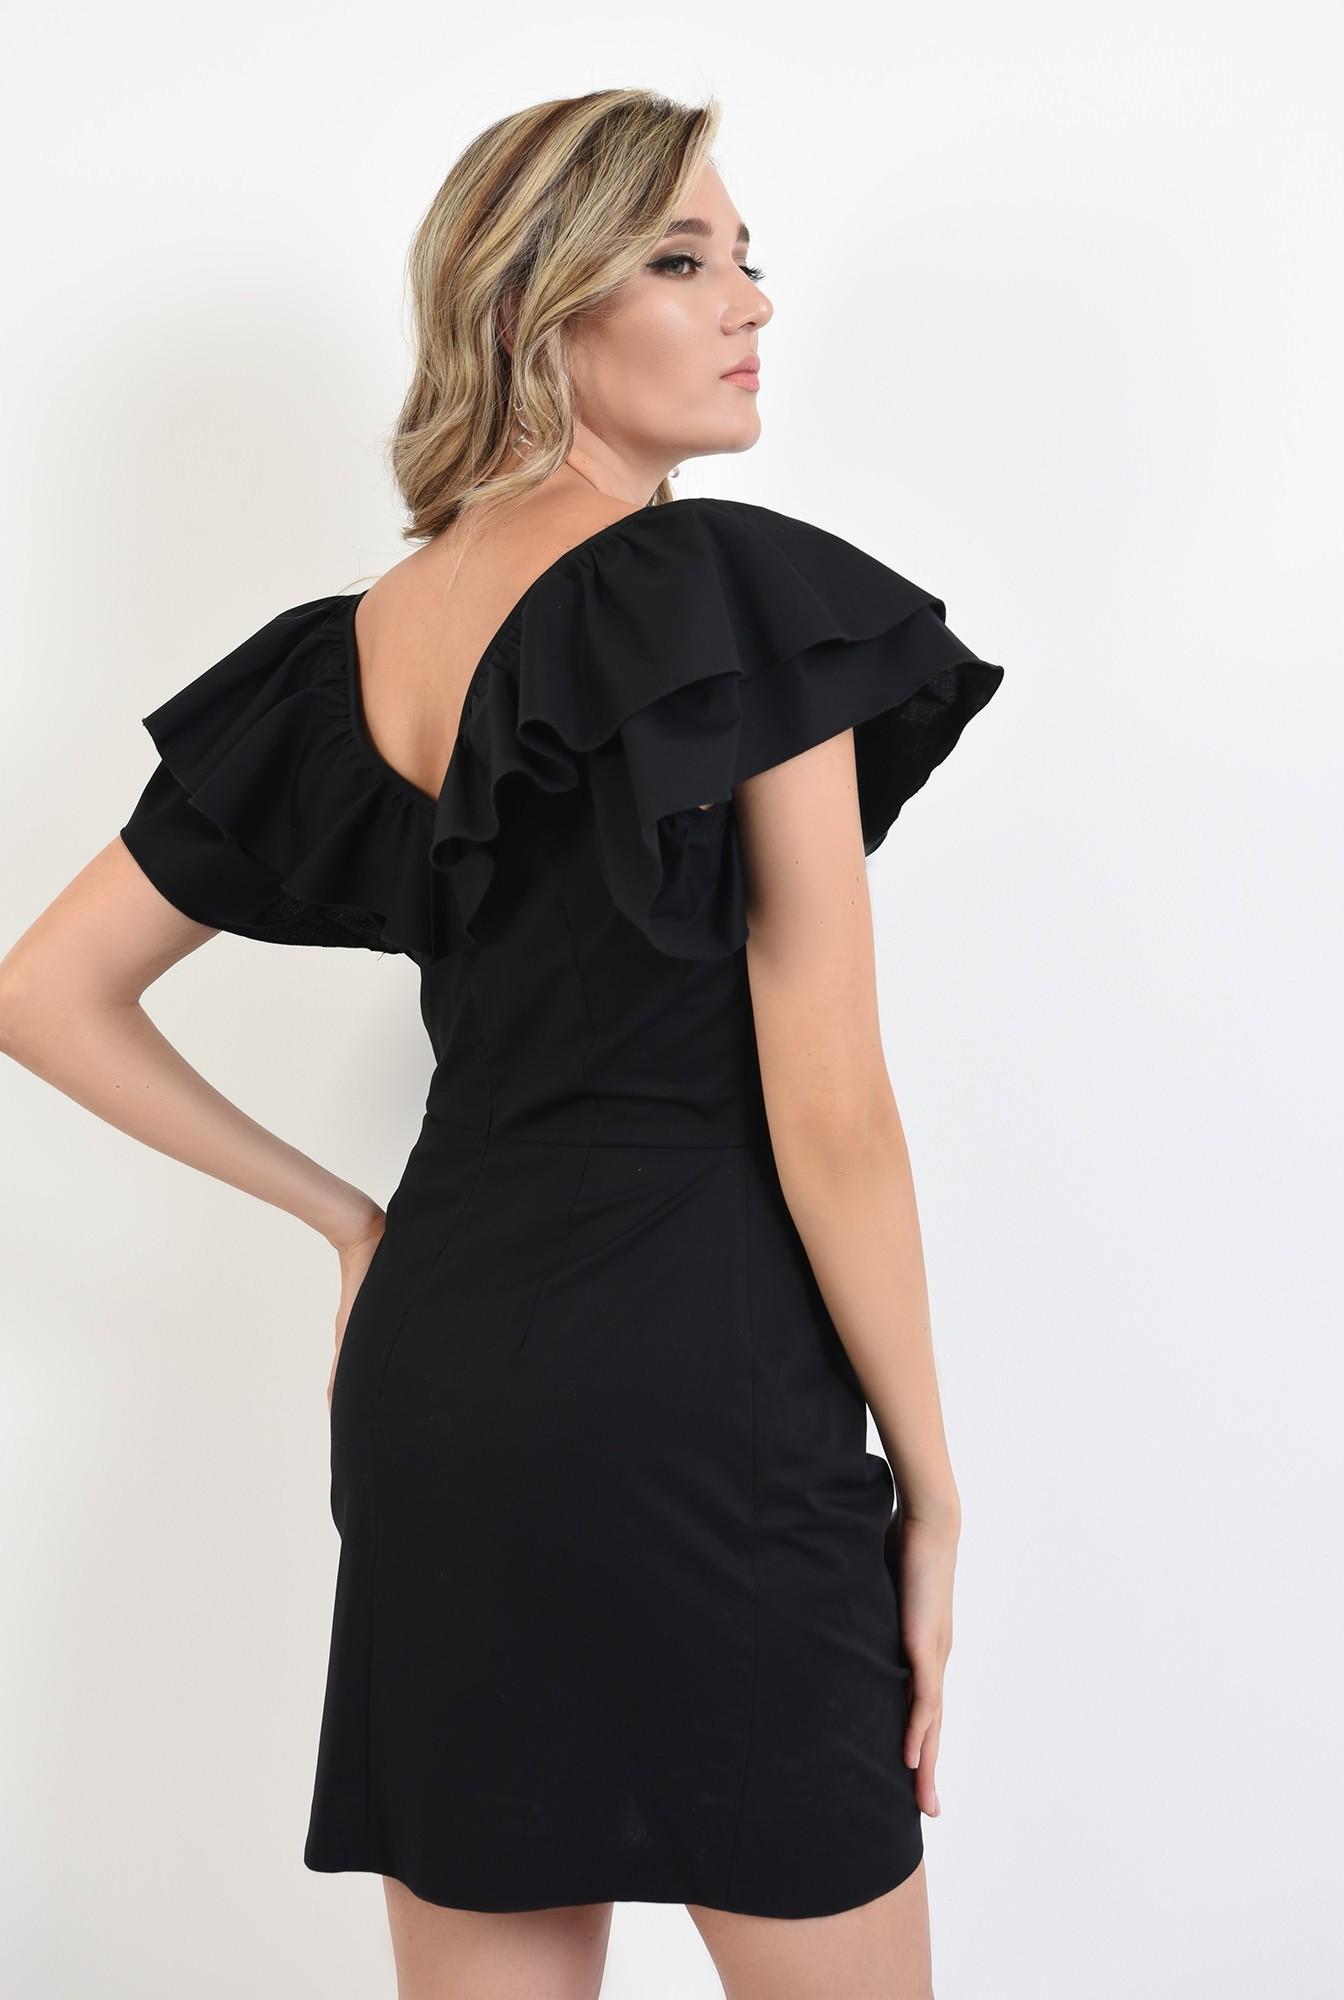 1 - 360 - rochie scurta, neagra, cu volane, Poema